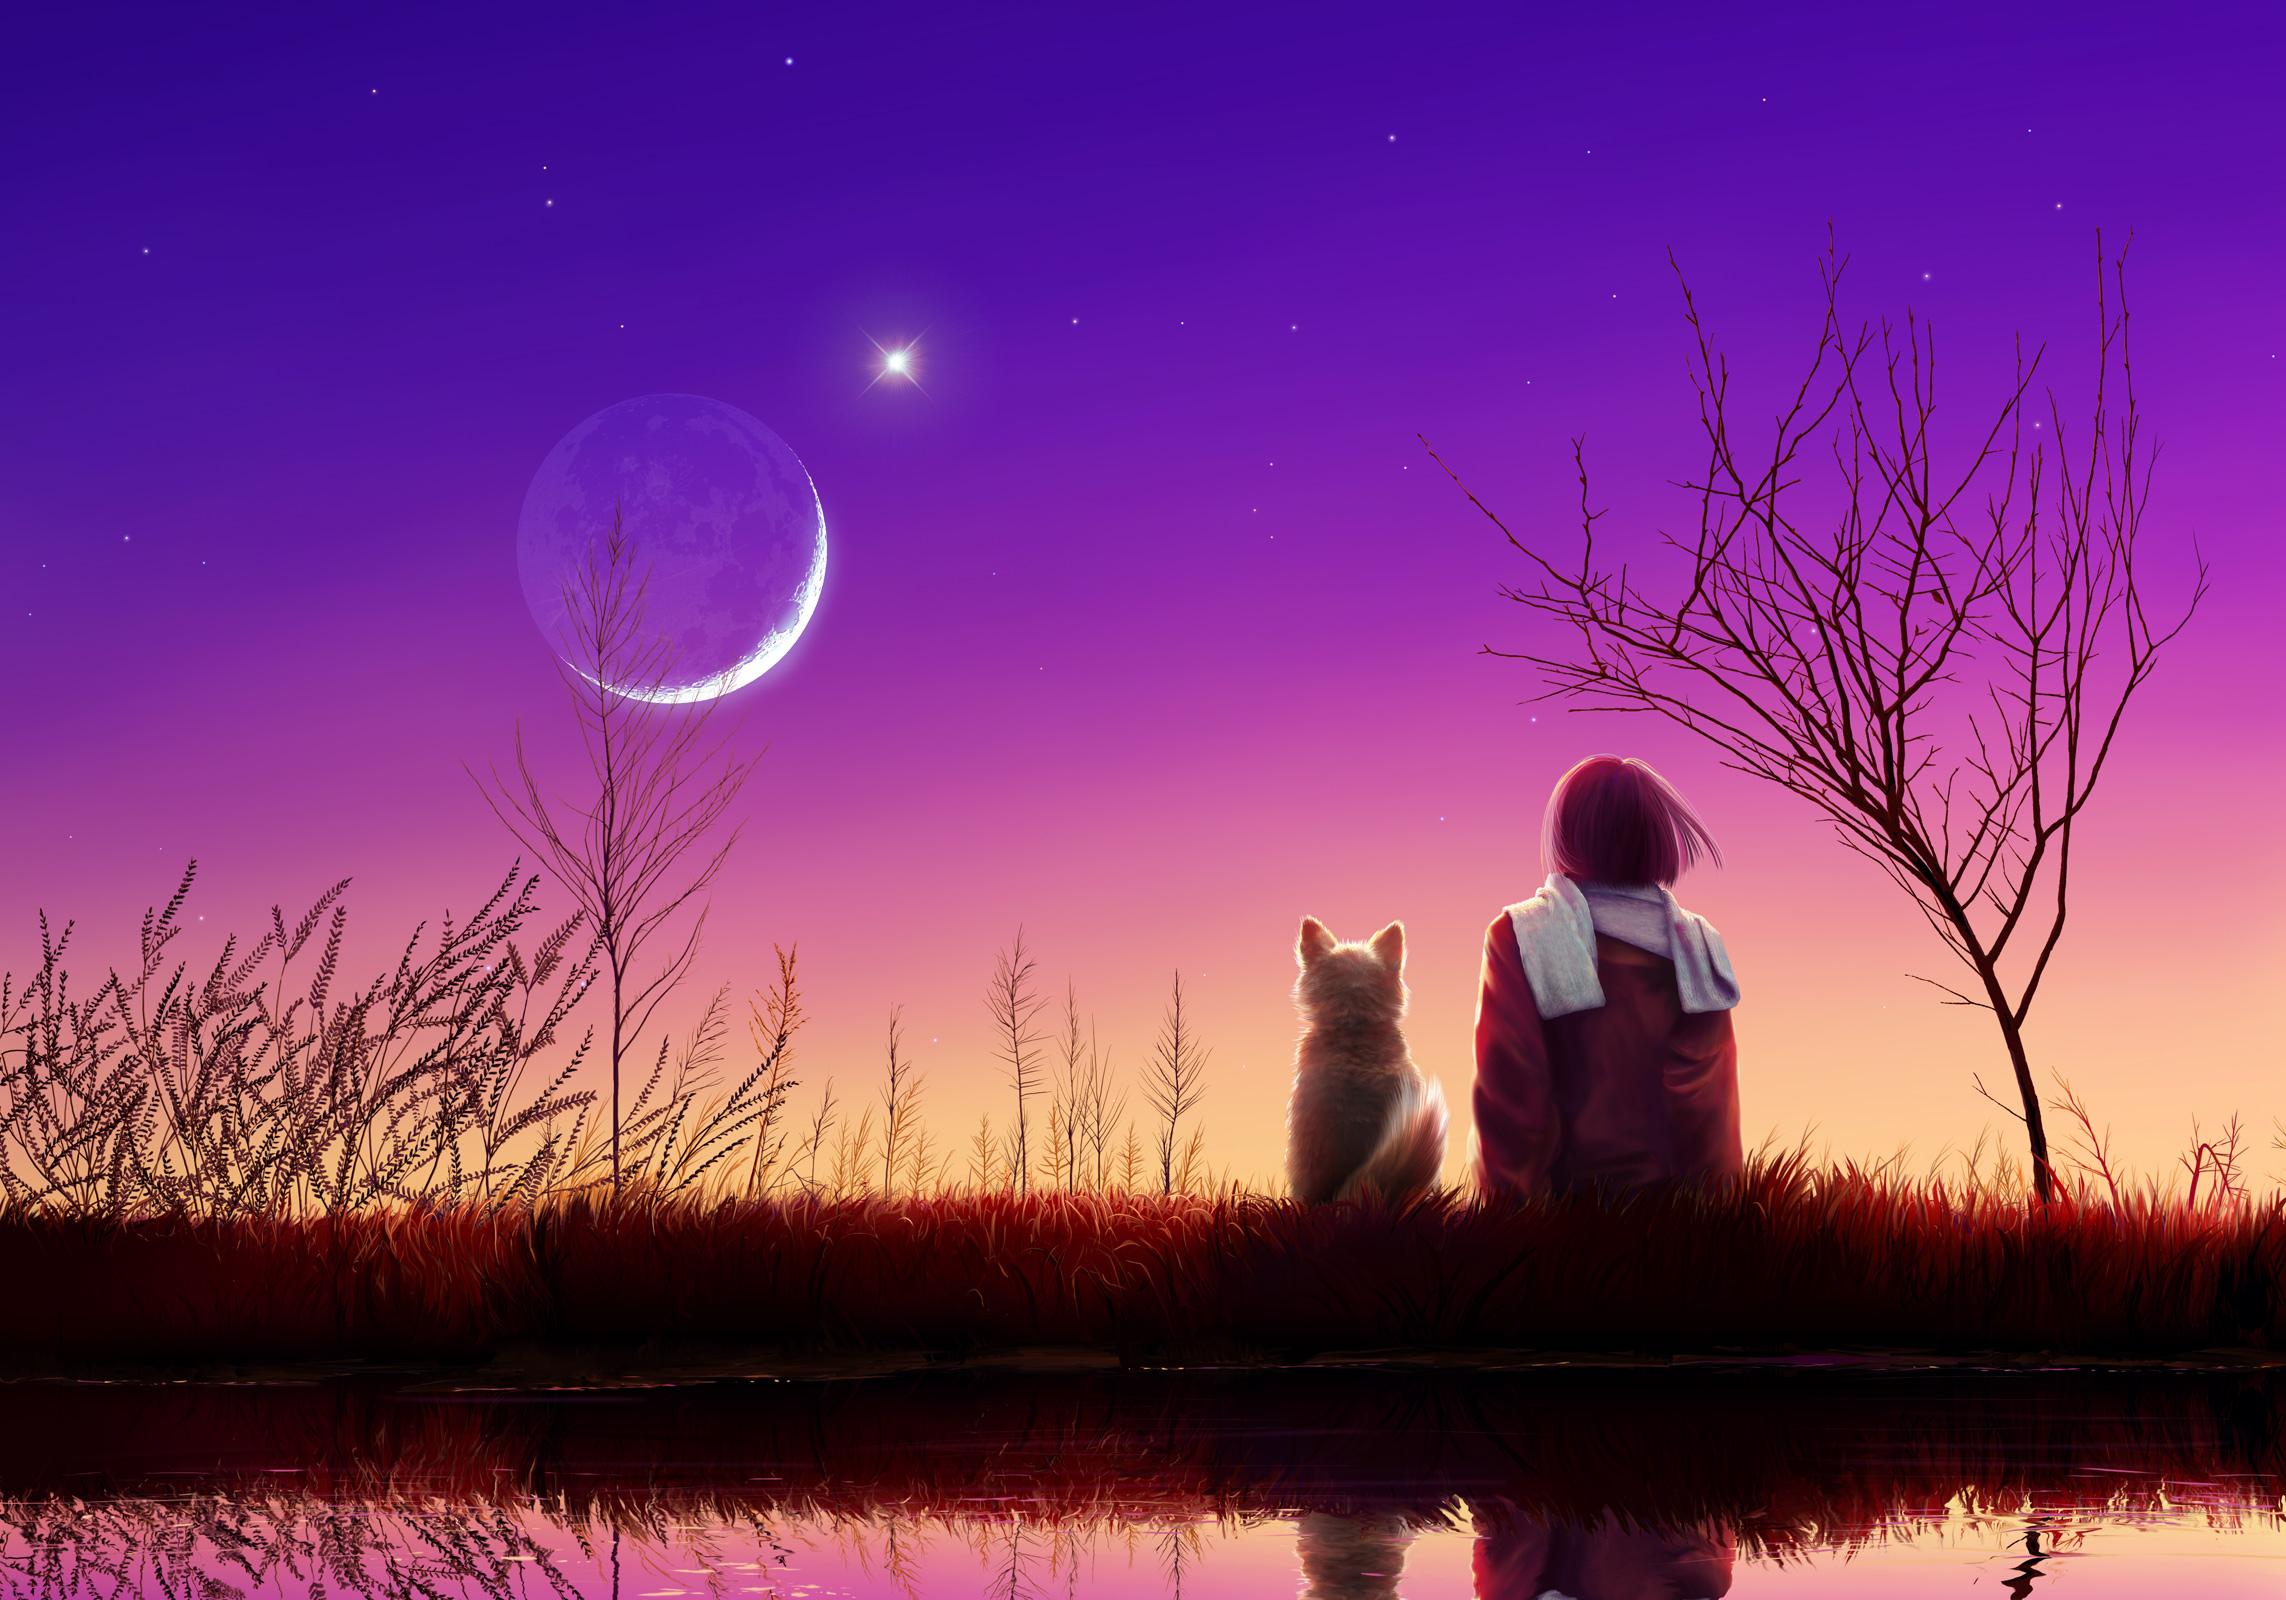 http://maessage.wordpress.com — femme vue de dos assise au bord de l'eau avec un chien à ses côtés. Tous deux observent la lune au lever du jour • peinture de Joh KAGAYA, peintre digital japonais : « Luna Garden » / « Jardin de Lune »